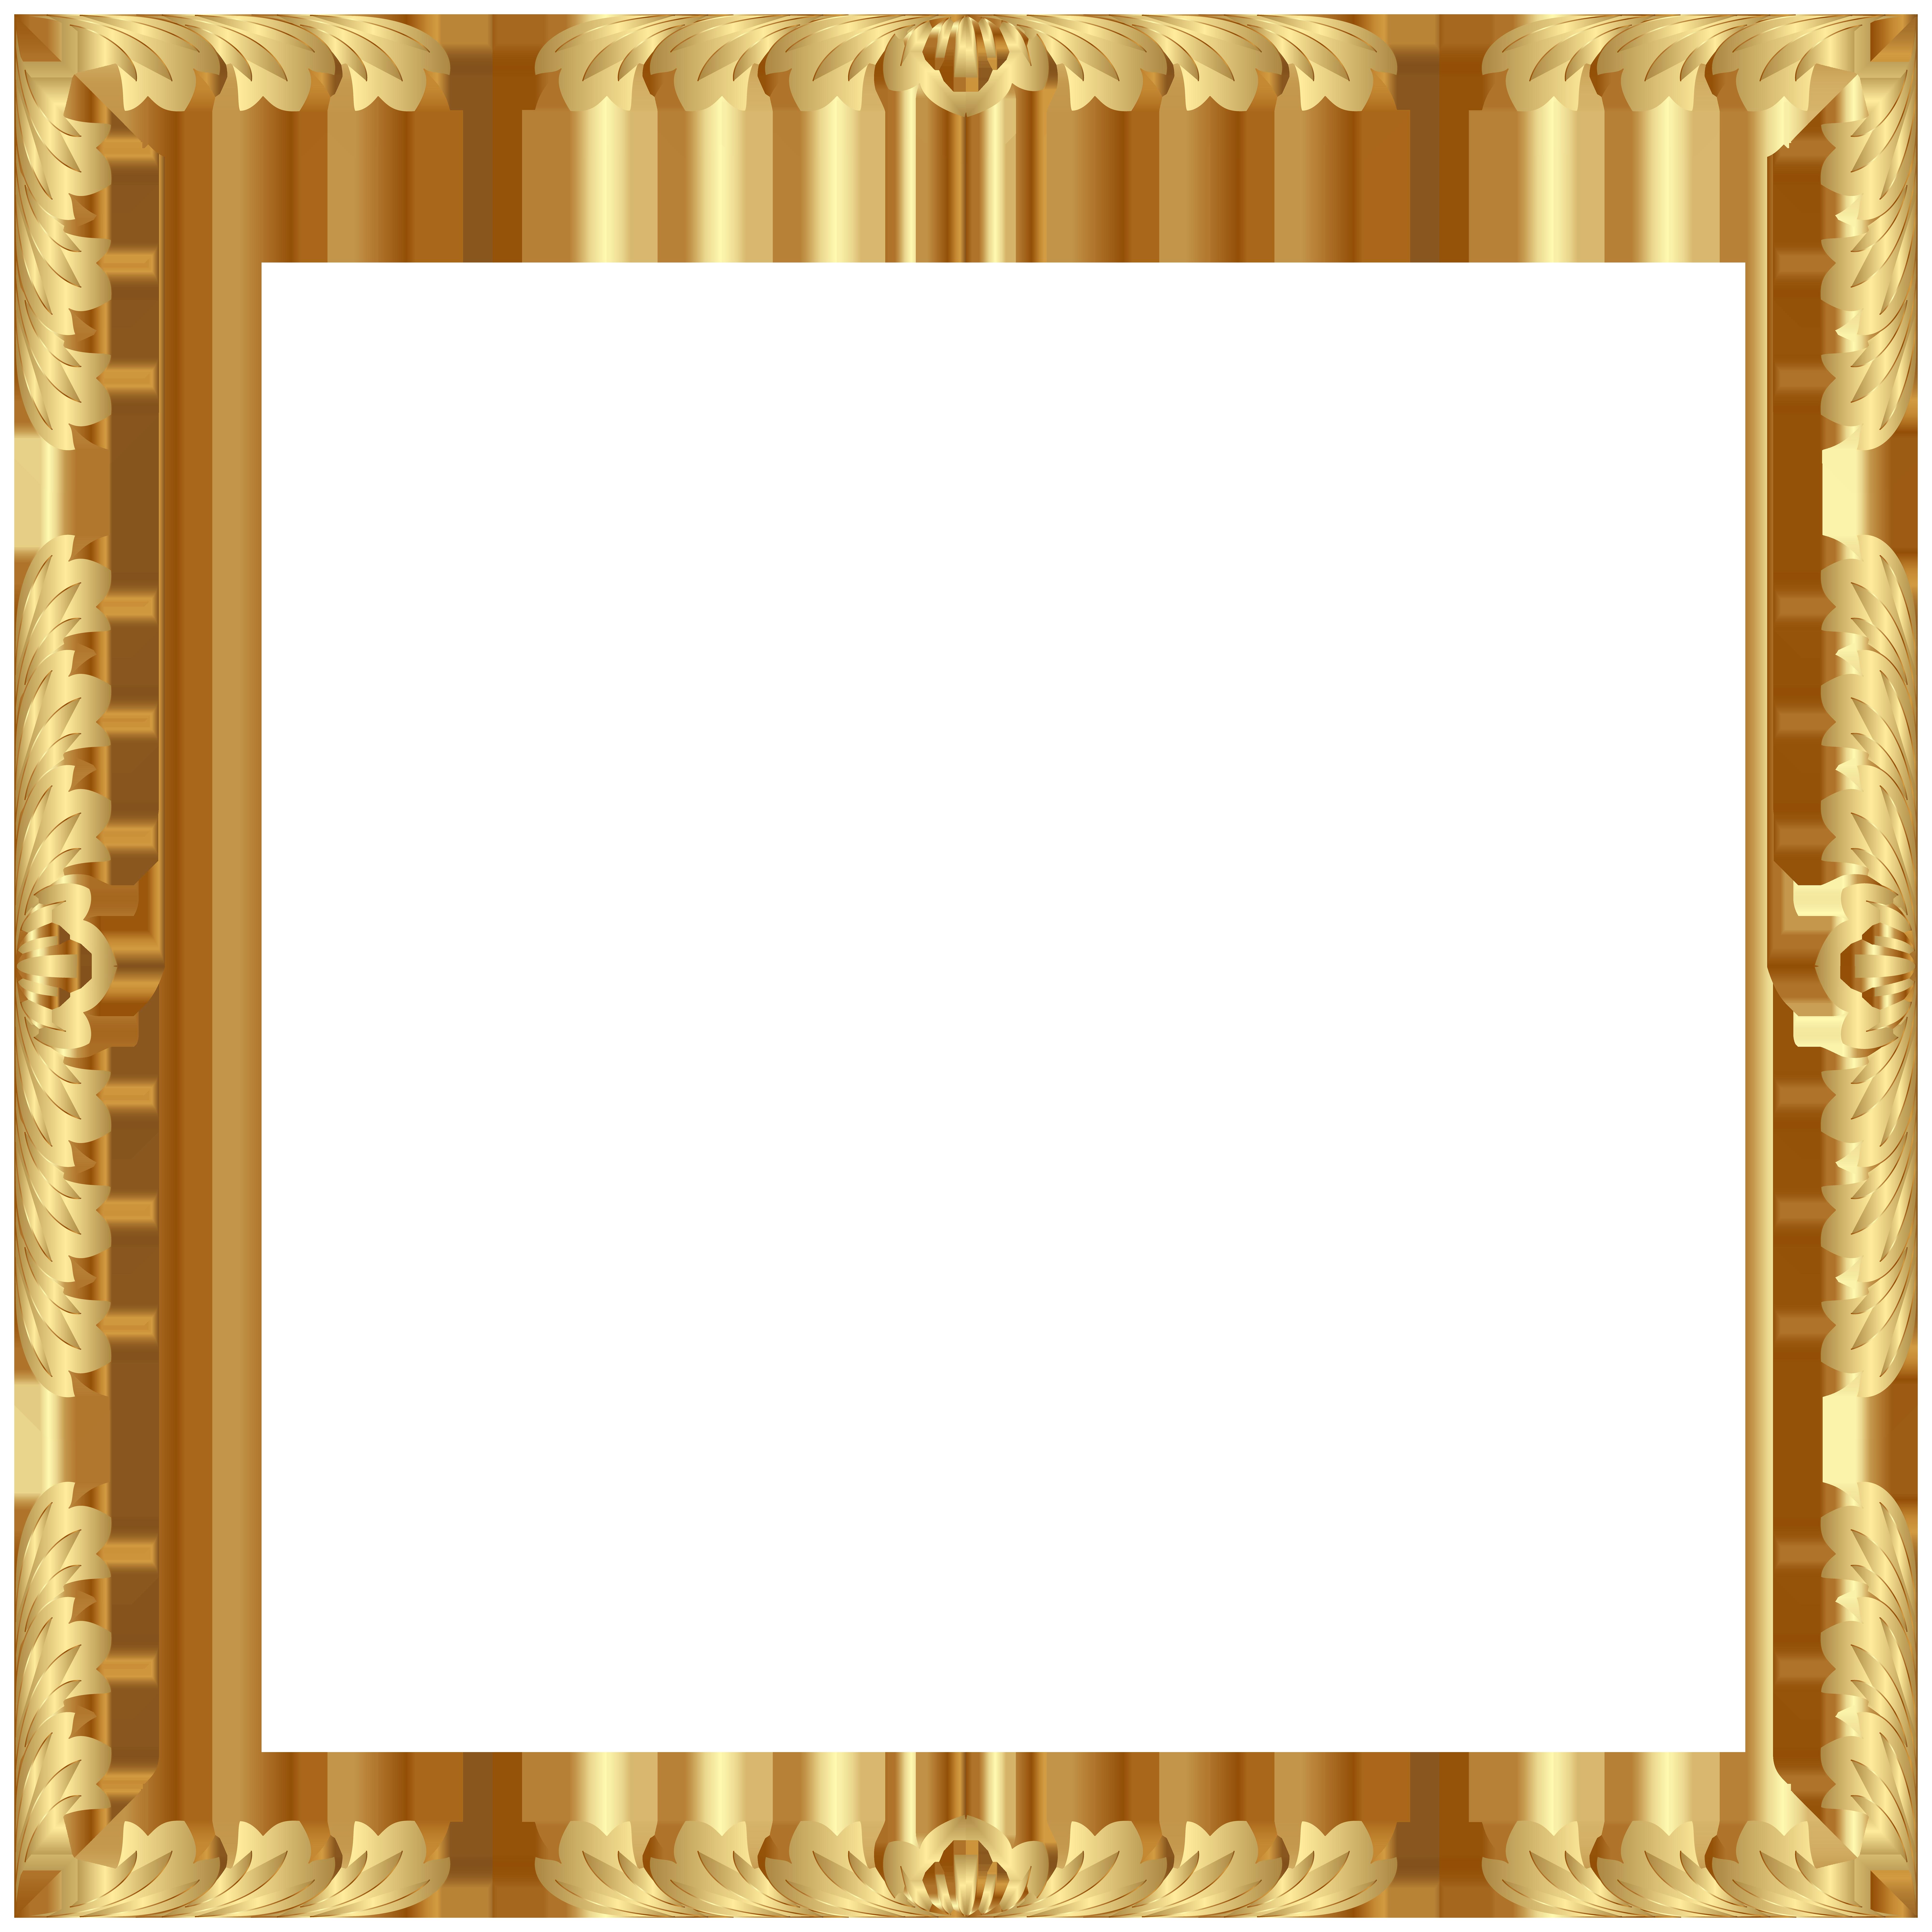 Decorative Border Frame Transparent Clip Art PNG Image.